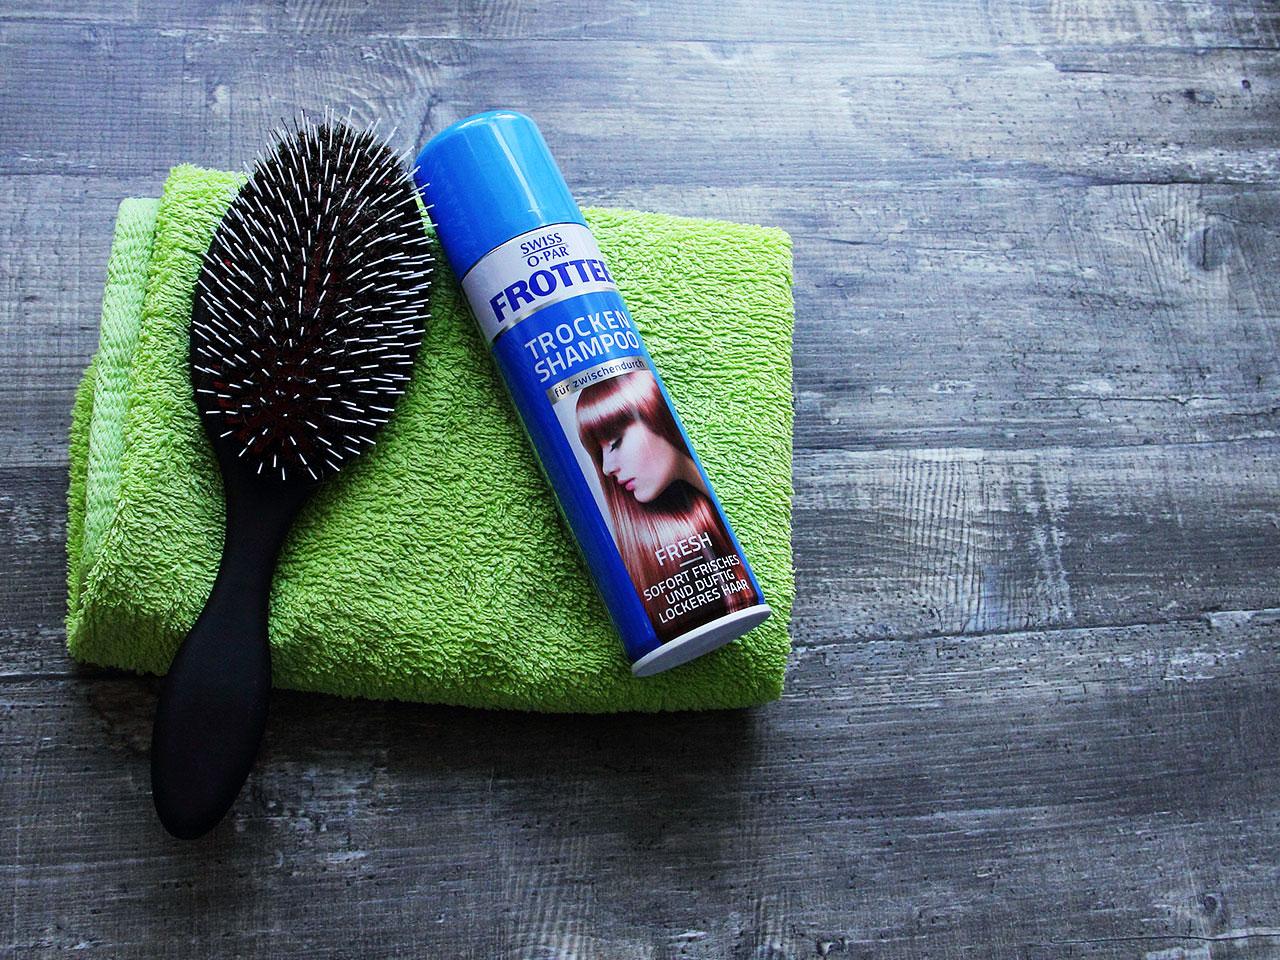 Styling-Trocken-Shampoo